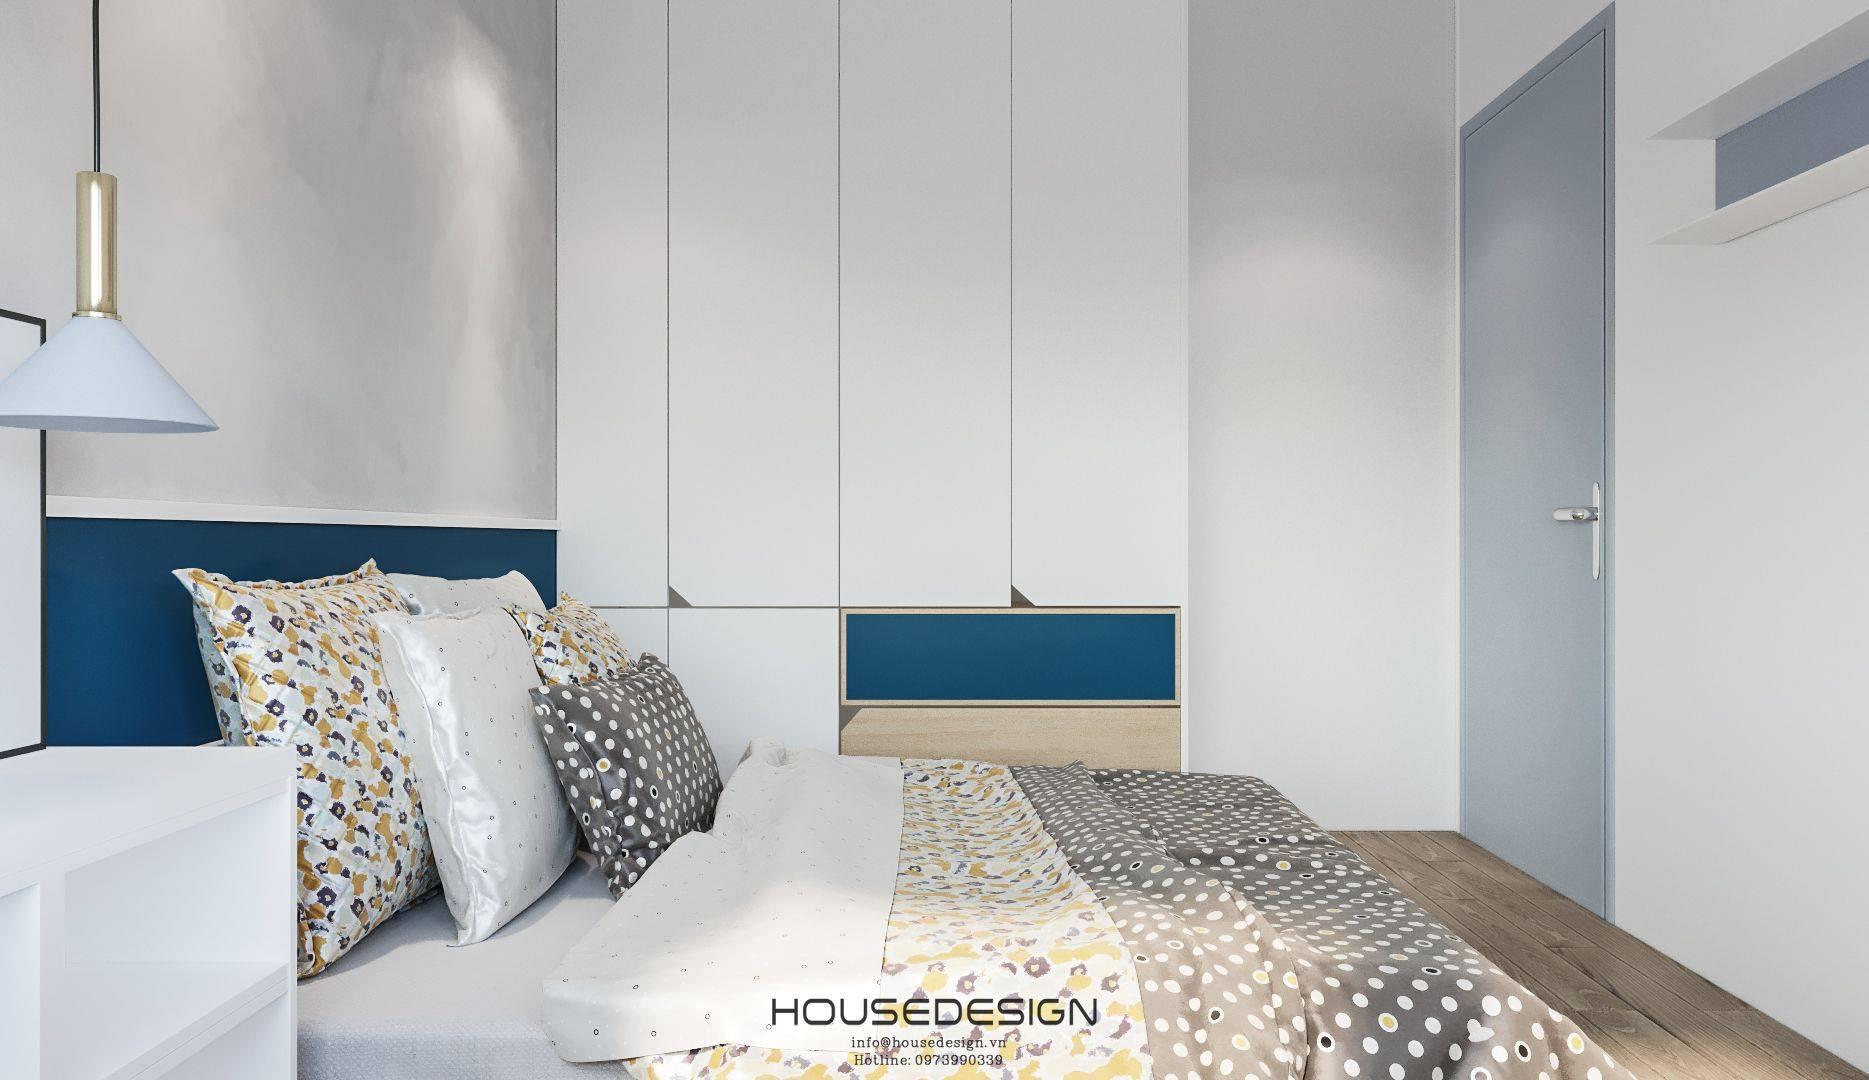 bố trí nội thất khách sạn - Housedesign